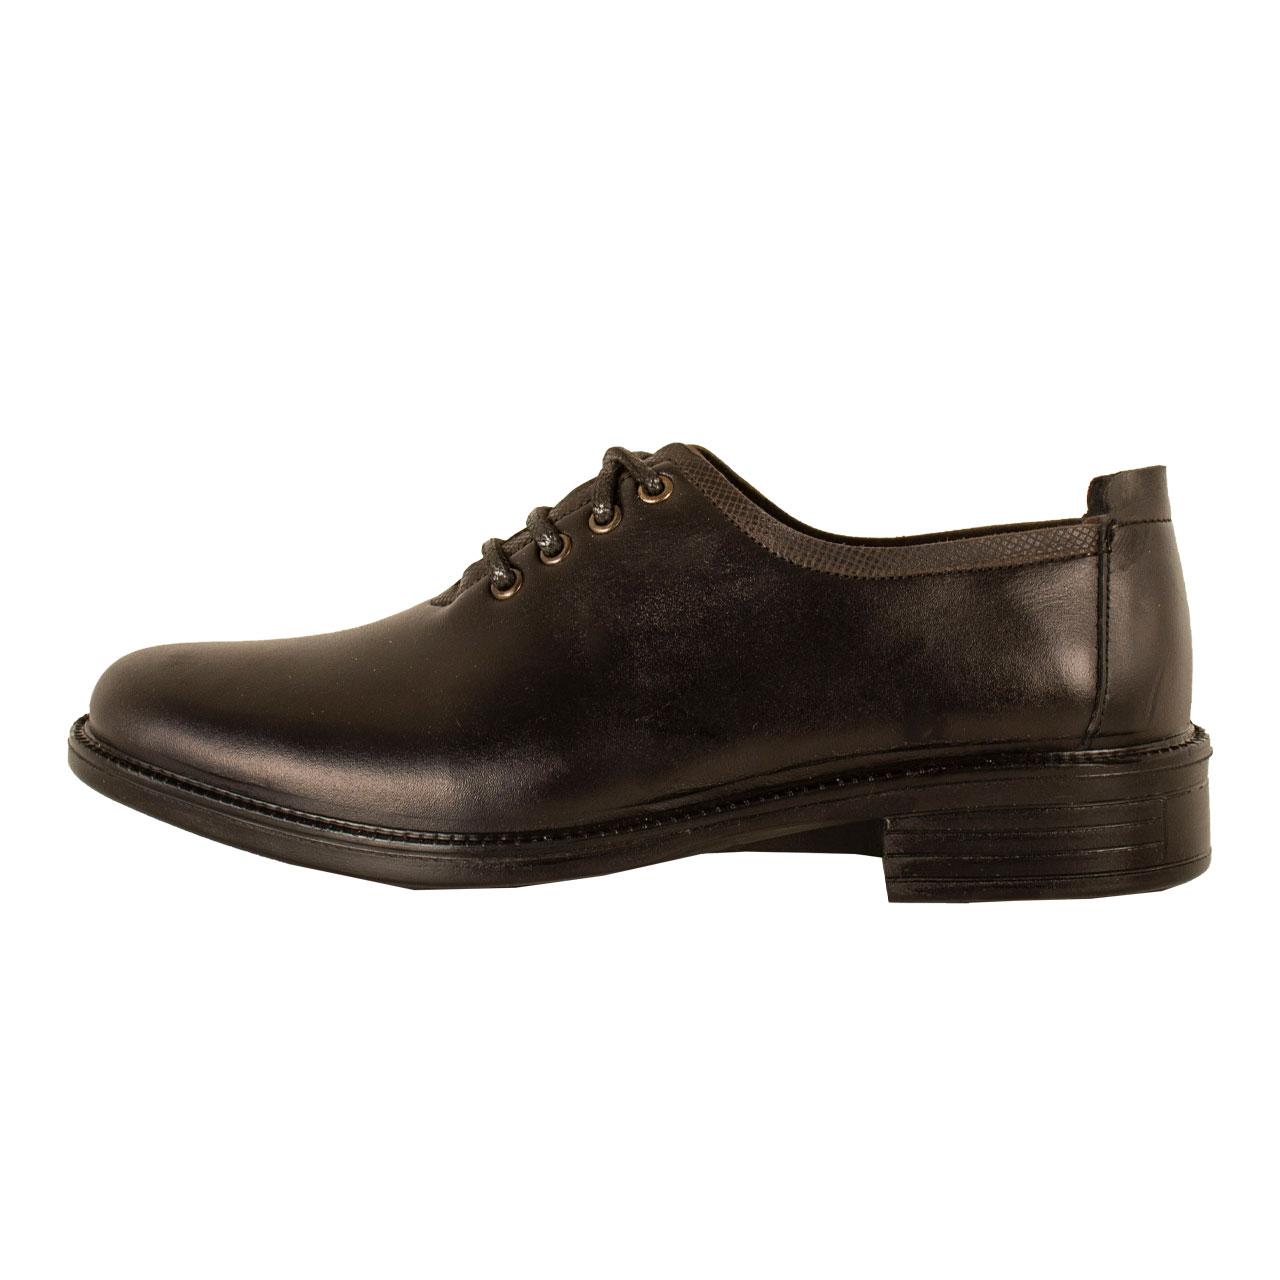 PARINECHARM leather men's shoes , SHO190 Model